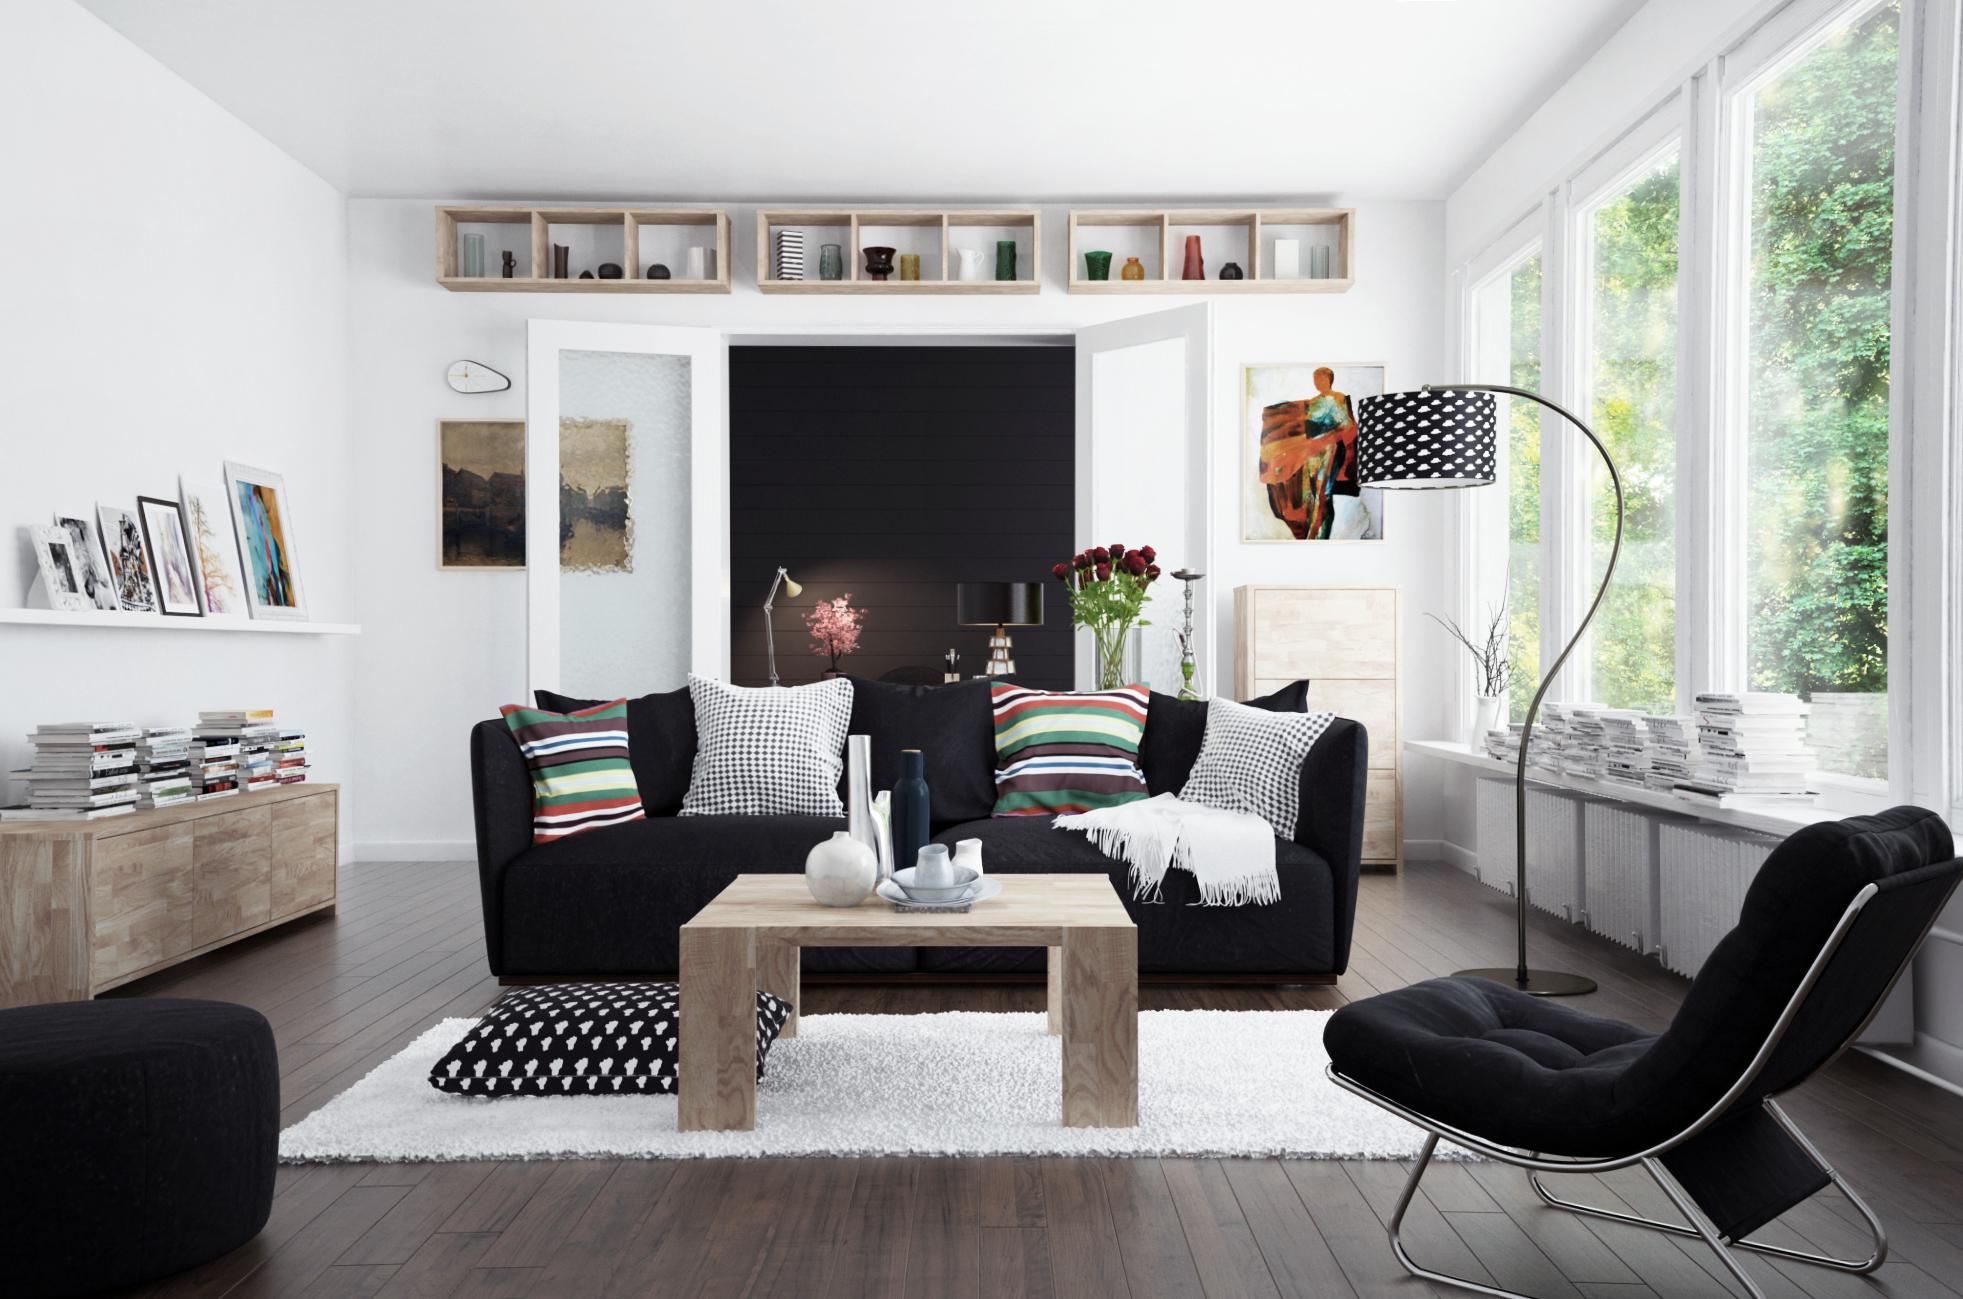 Salon z meblami w jasnych barwach z kolekcji James The Beds